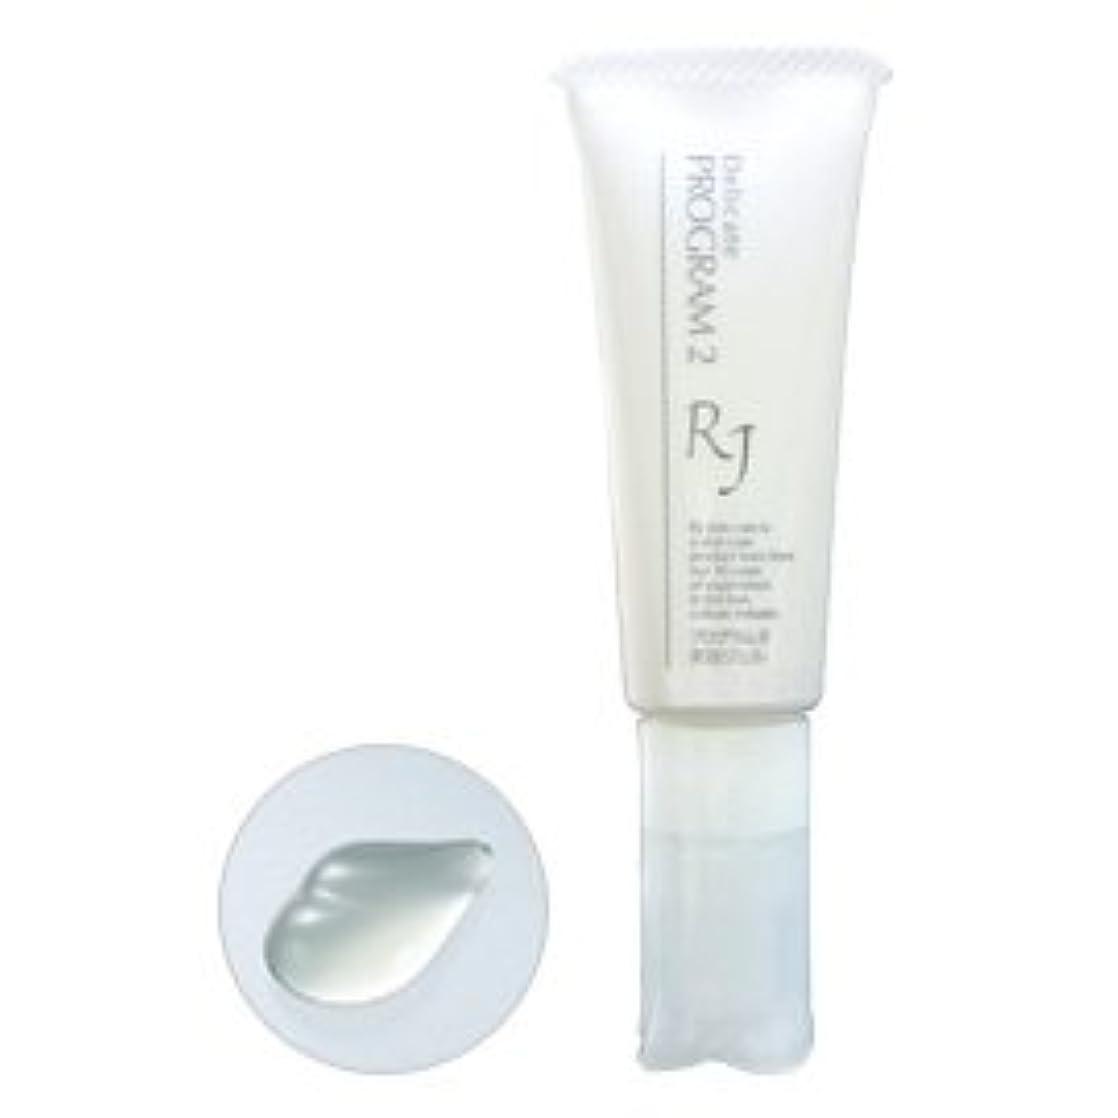 プログラム2 美容ジェル 敏感肌用ジェル状美容液 20mL